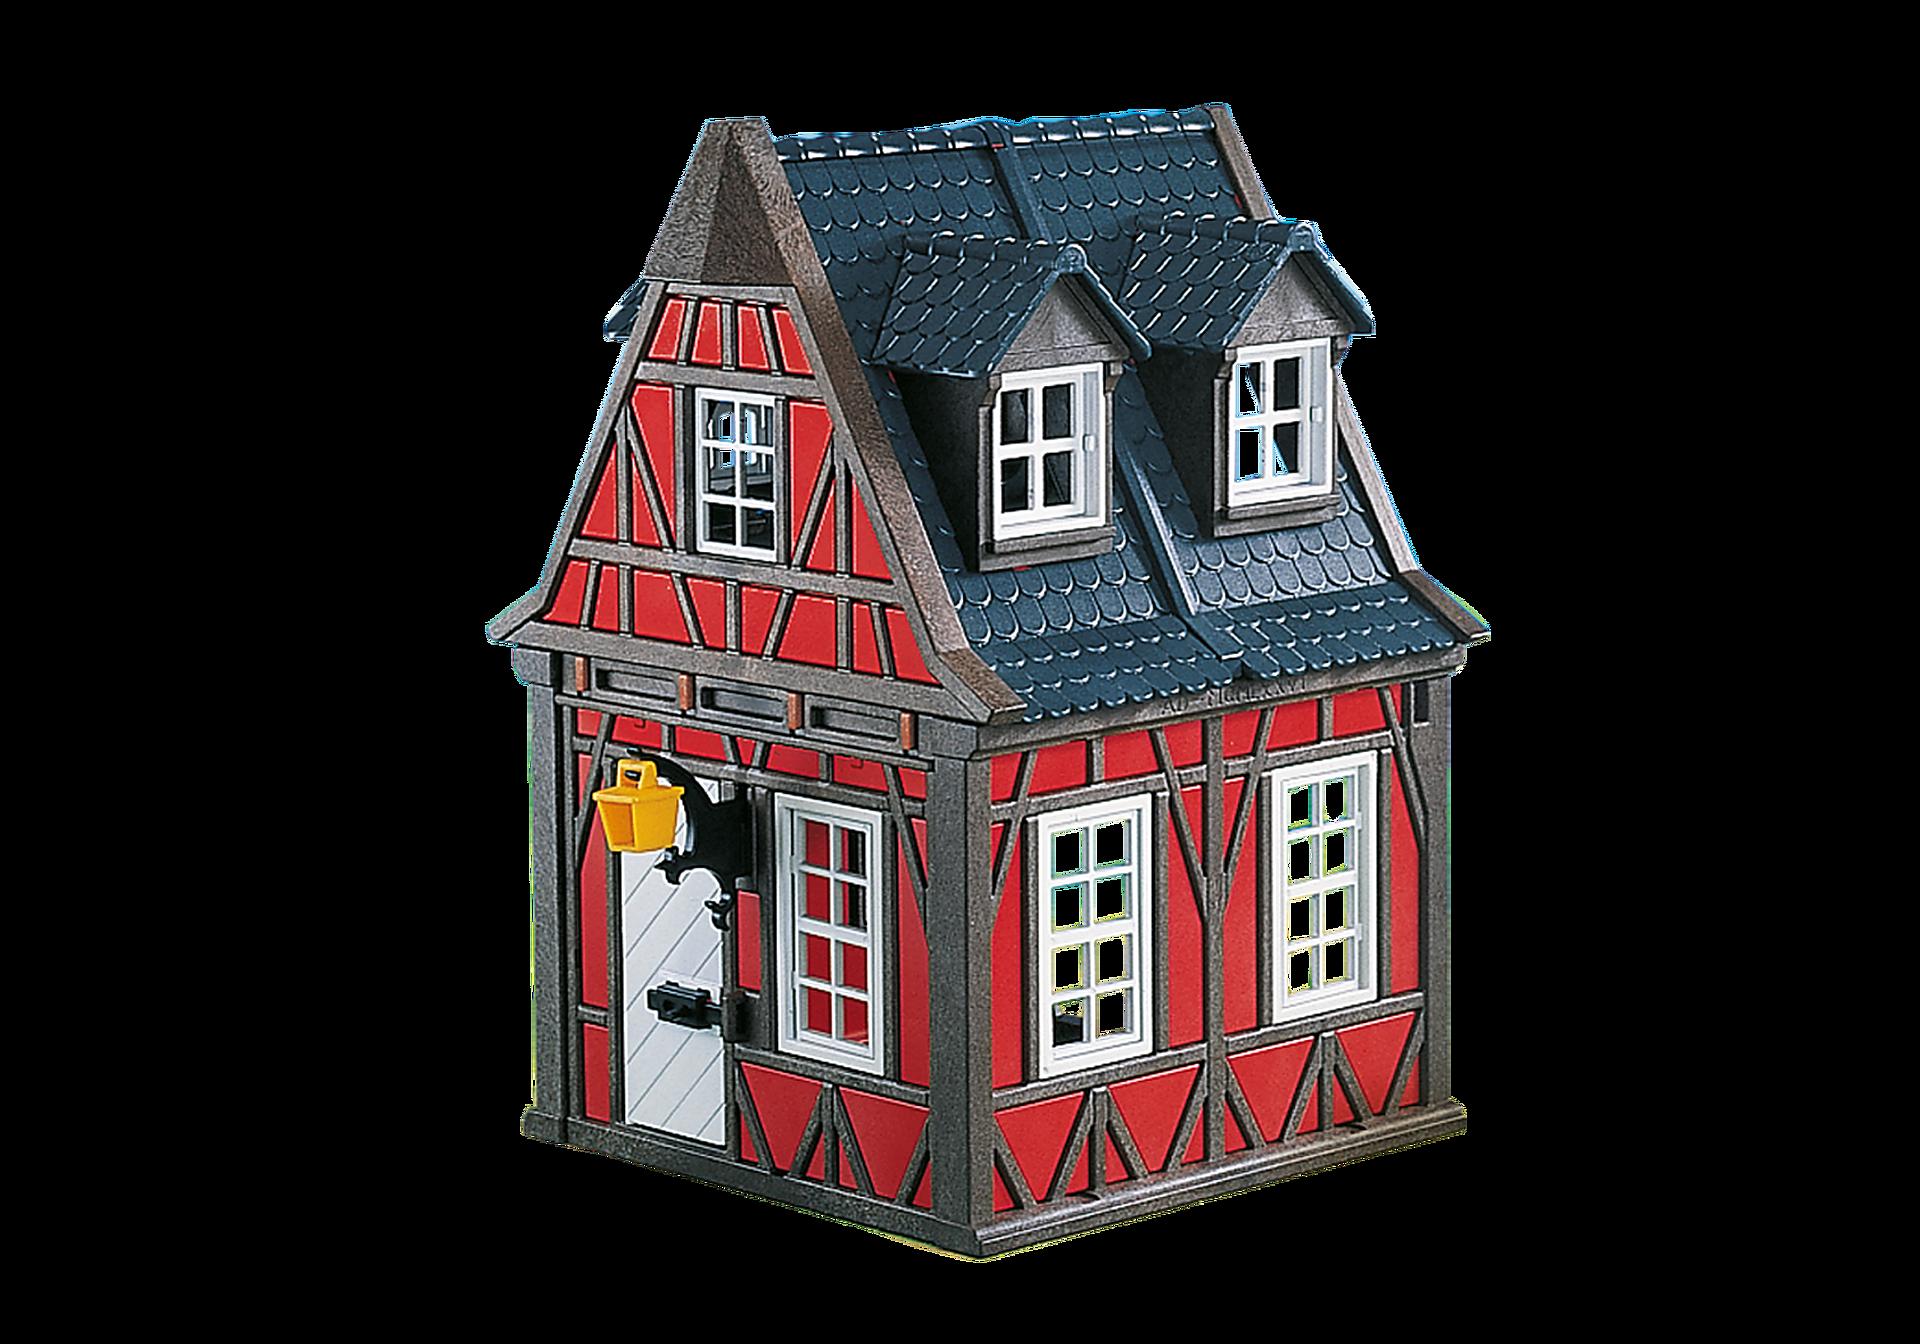 7785 Maison rouge à colombages zoom image1